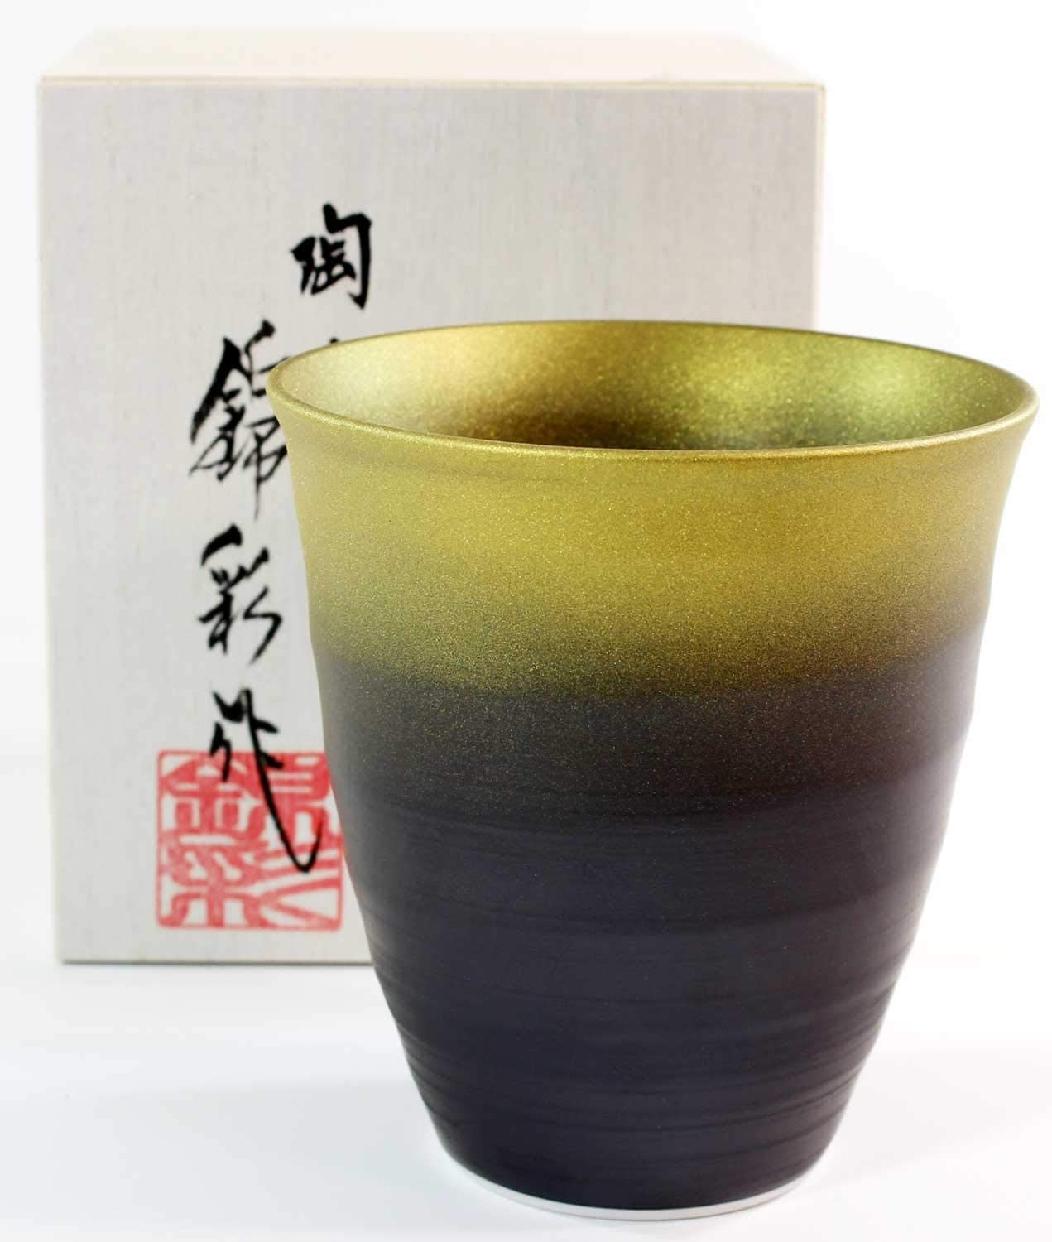 藤井錦彩窯(ふじいきんさい)窯変金彩焼酎カップの商品画像